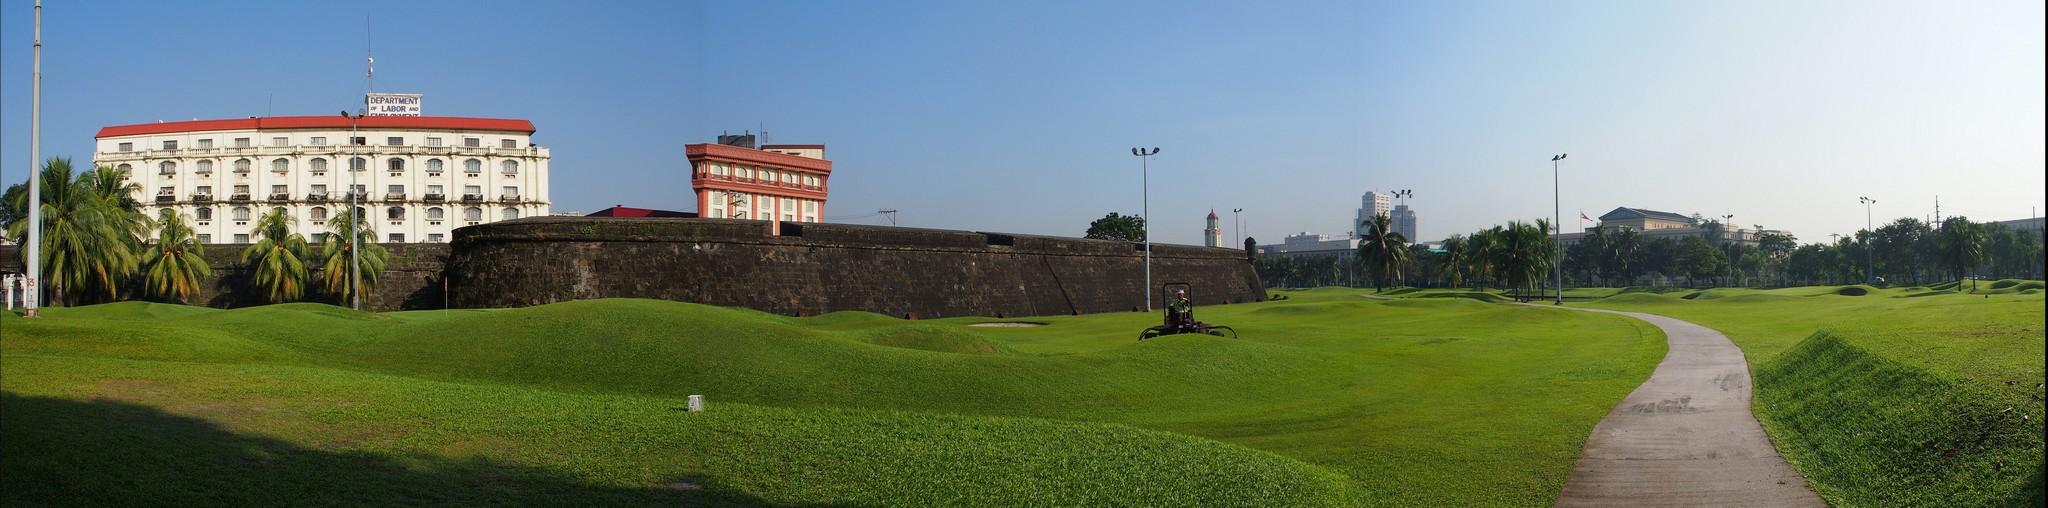 P1276645 Pano Manila Intramuros murallas